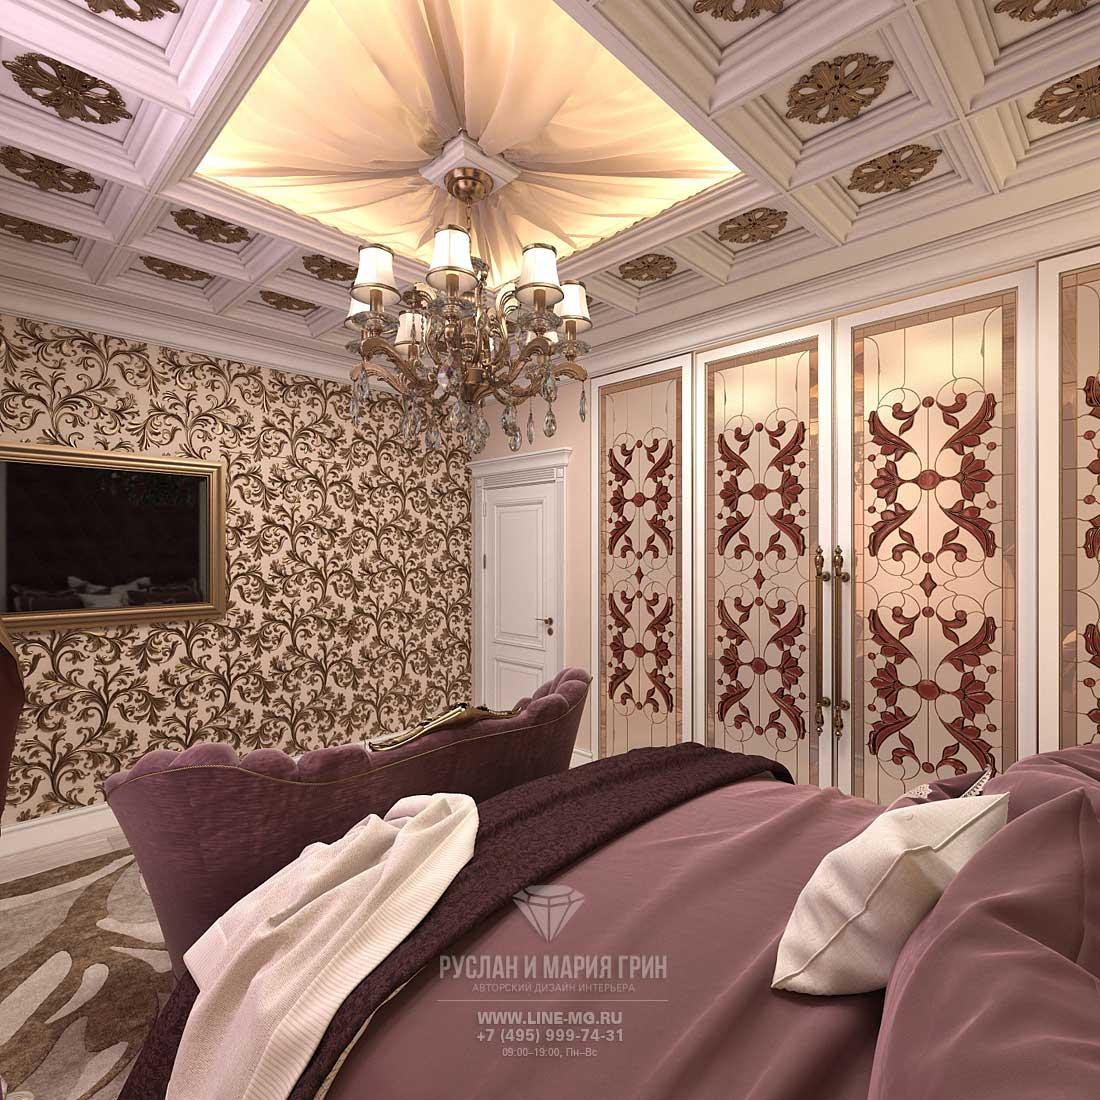 Фото интерьера спальни 2015